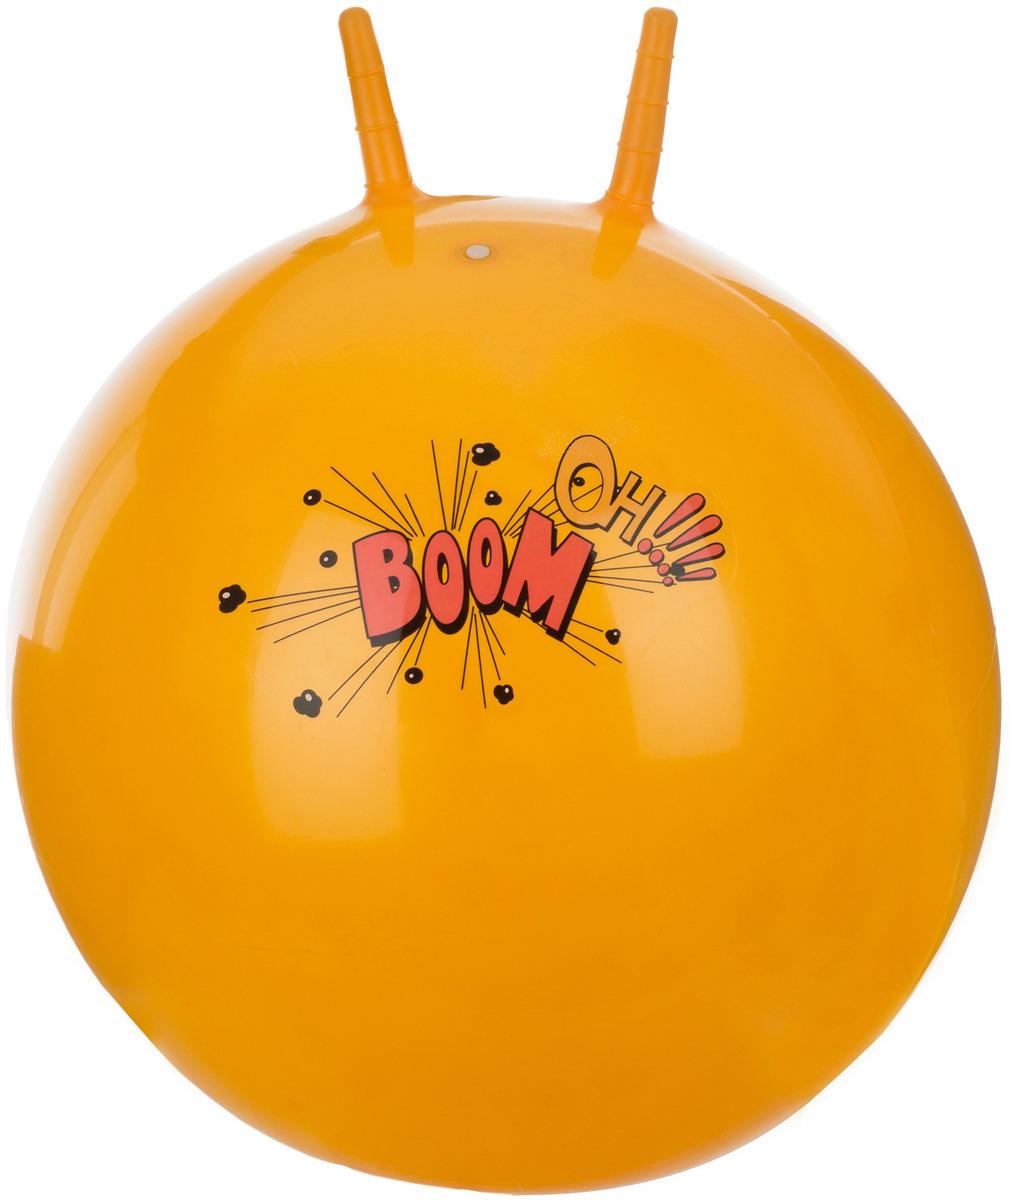 Мяч гимнастический Torneo, с насосом, цвет: оранжевый, 55 см мяч гимнастический indigo in001 цвет голубой диаметр 75 см